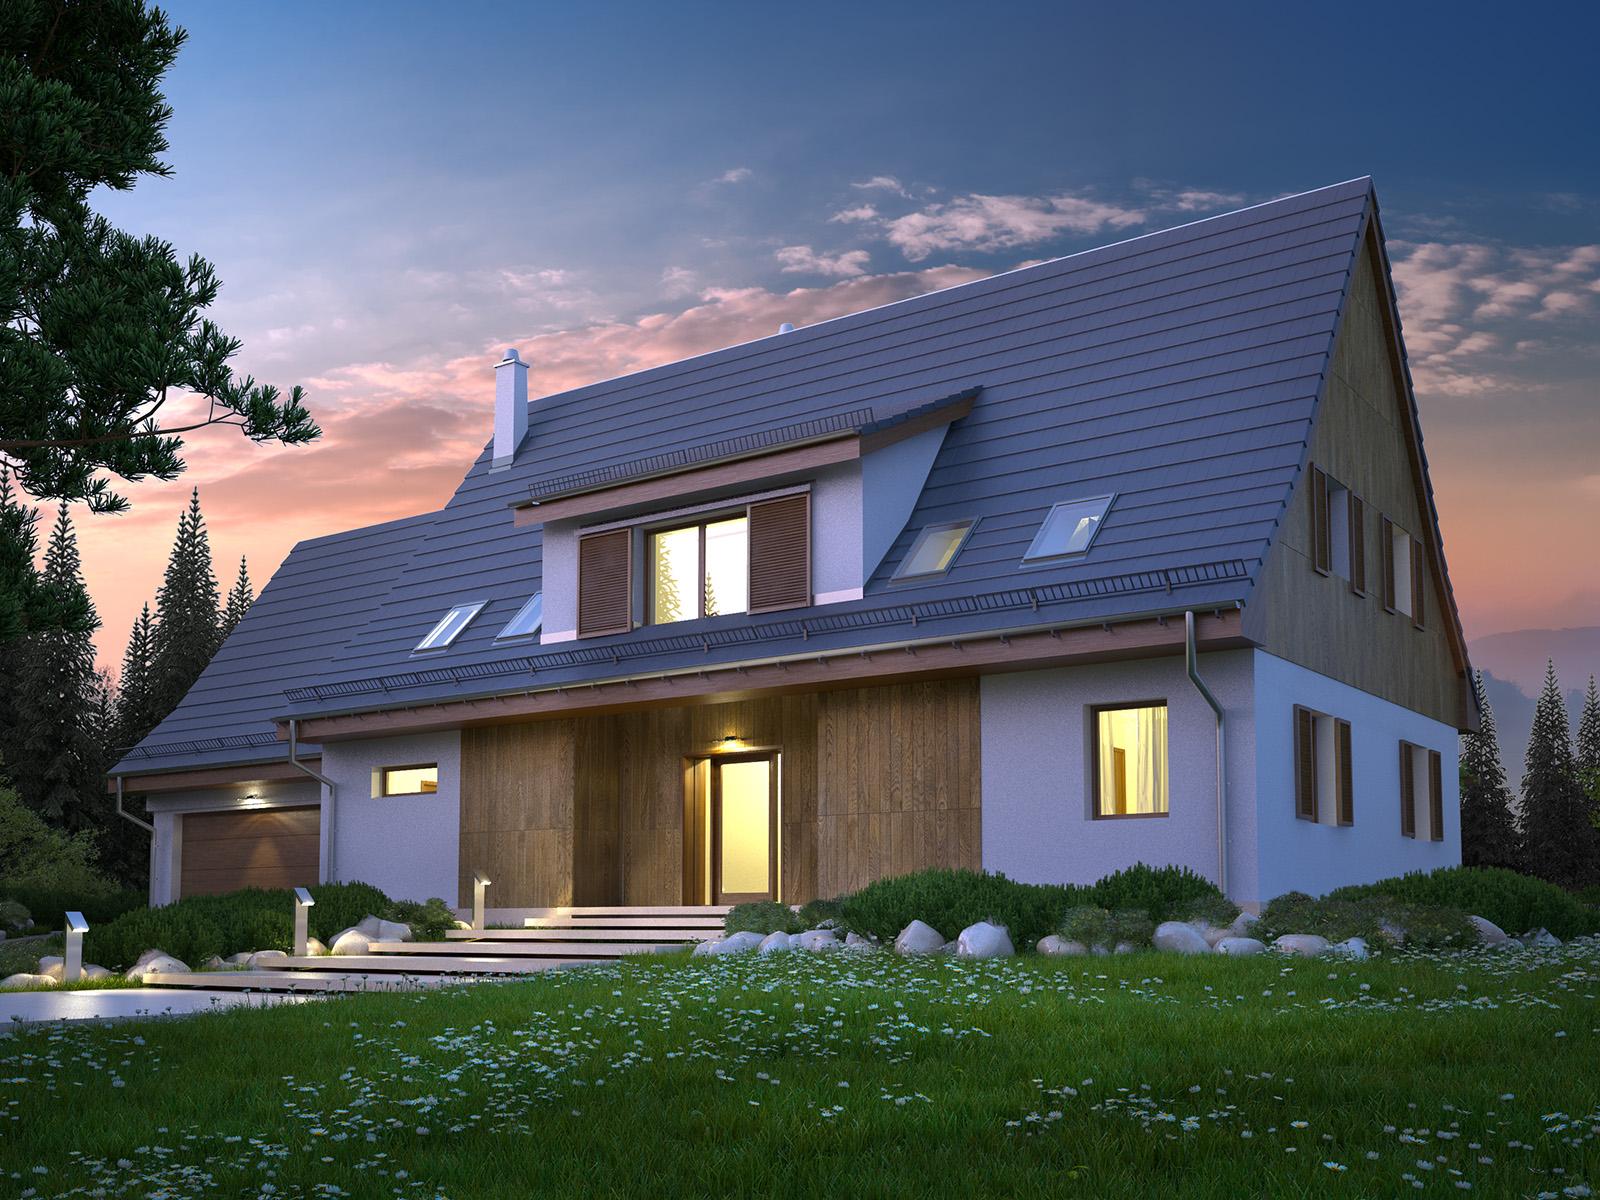 Projekt domu SUDECKI Domy Czystej Energii widok od frontu